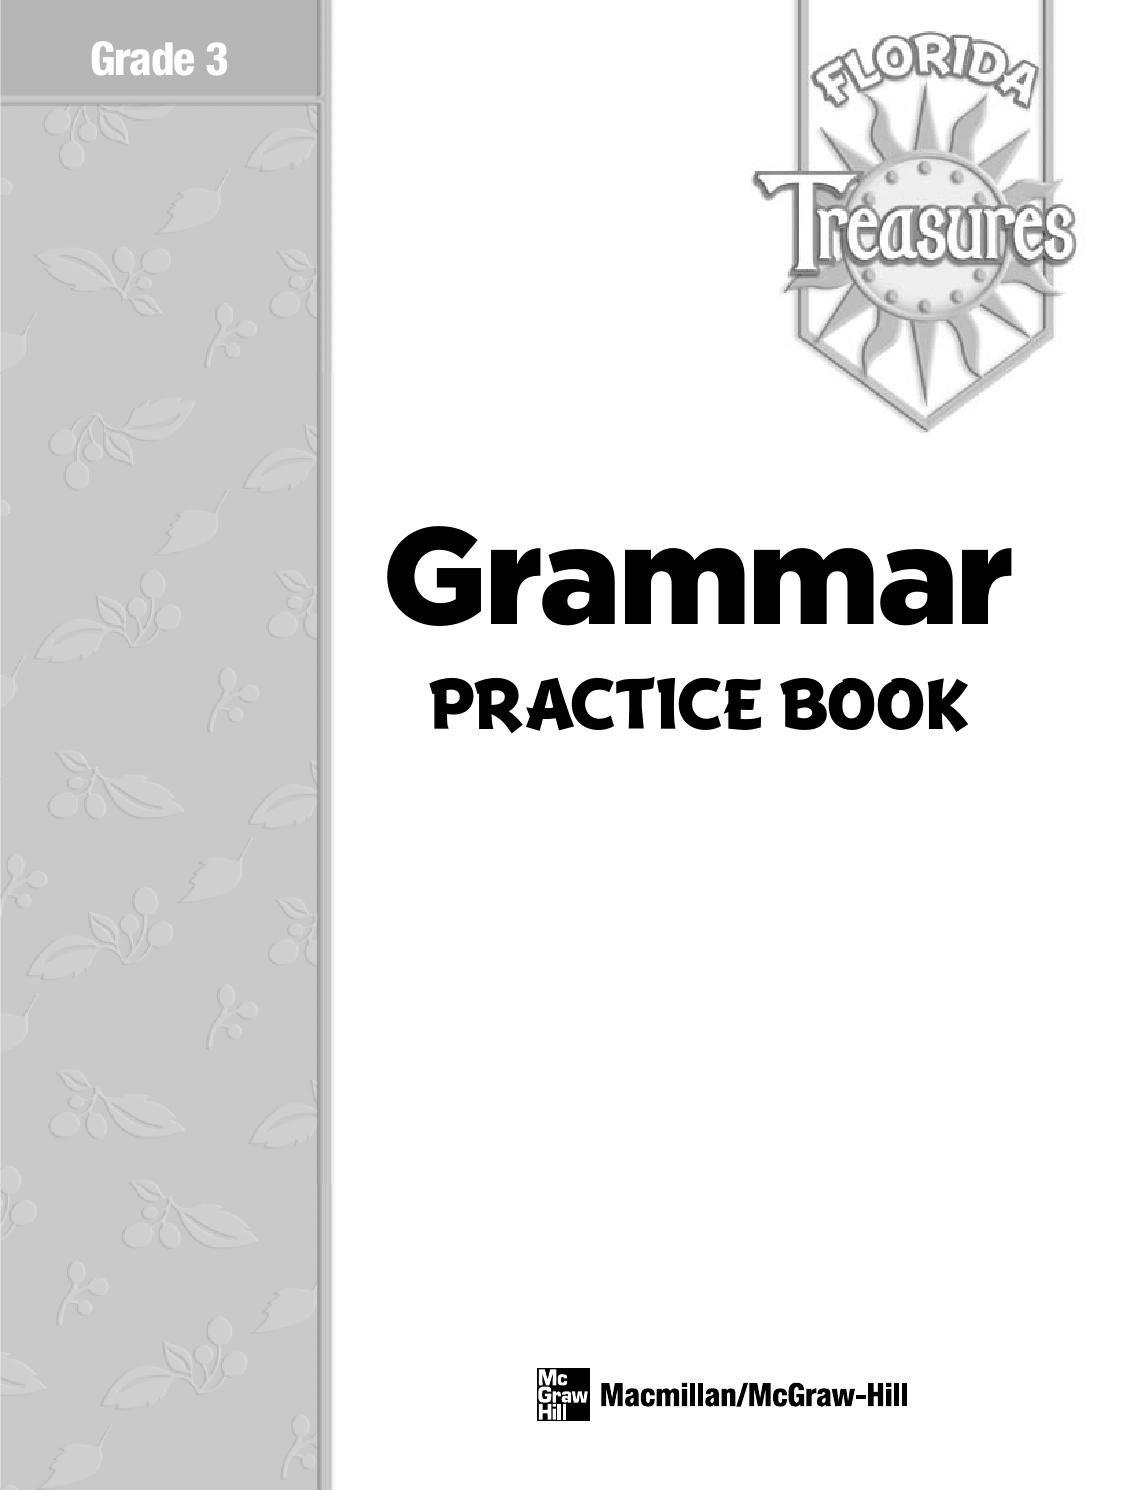 Treasures Mcgraw Hill Gr 3 Grammar Practice Book Grammar Practice Practice English Grammar English Grammar Book [ 1490 x 1130 Pixel ]